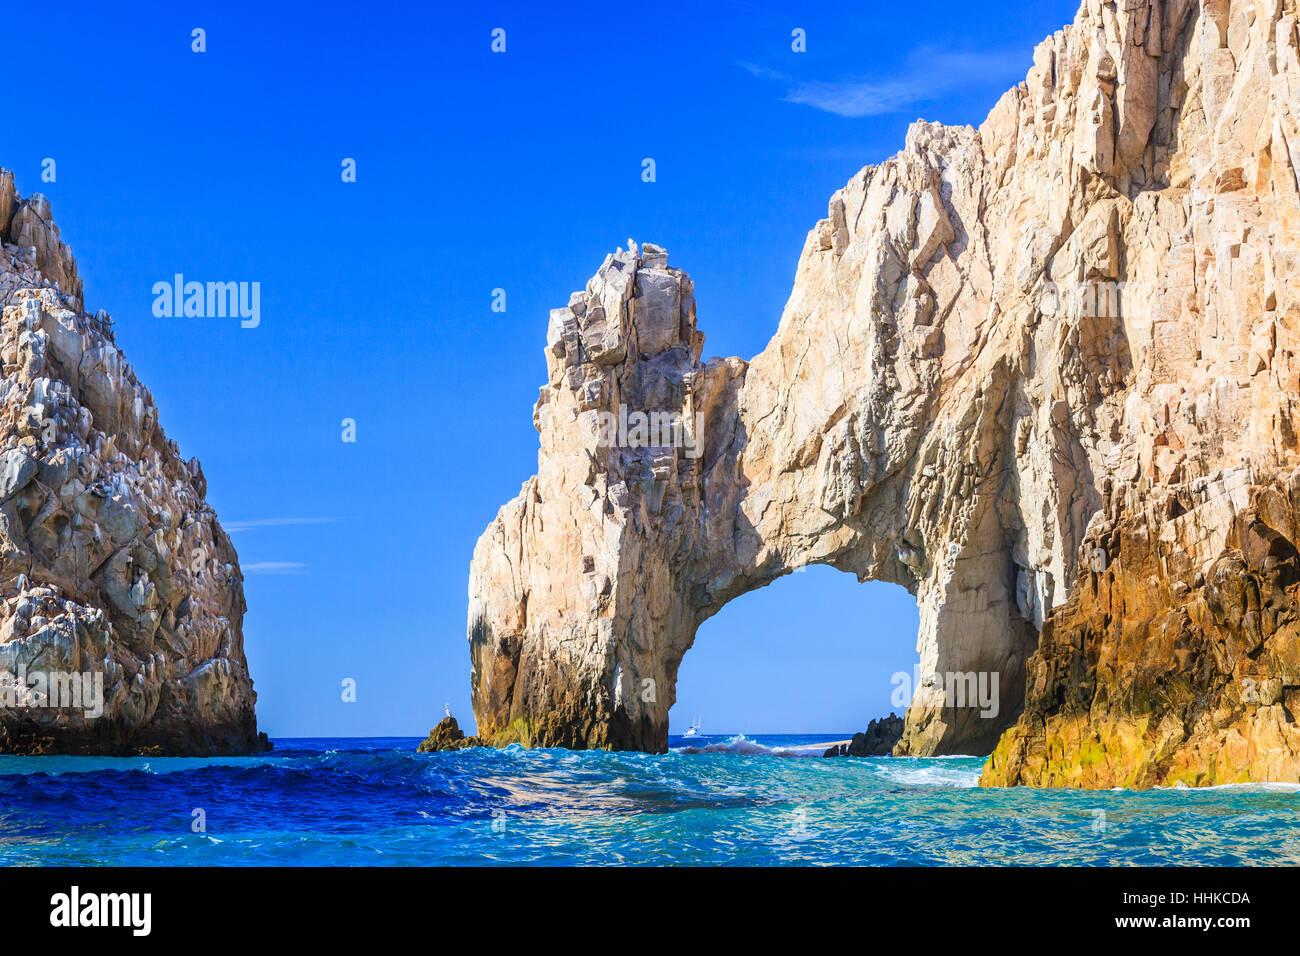 Cabo San Lucas, Los Arcos. Riviera Maya, México. Imagen De Stock